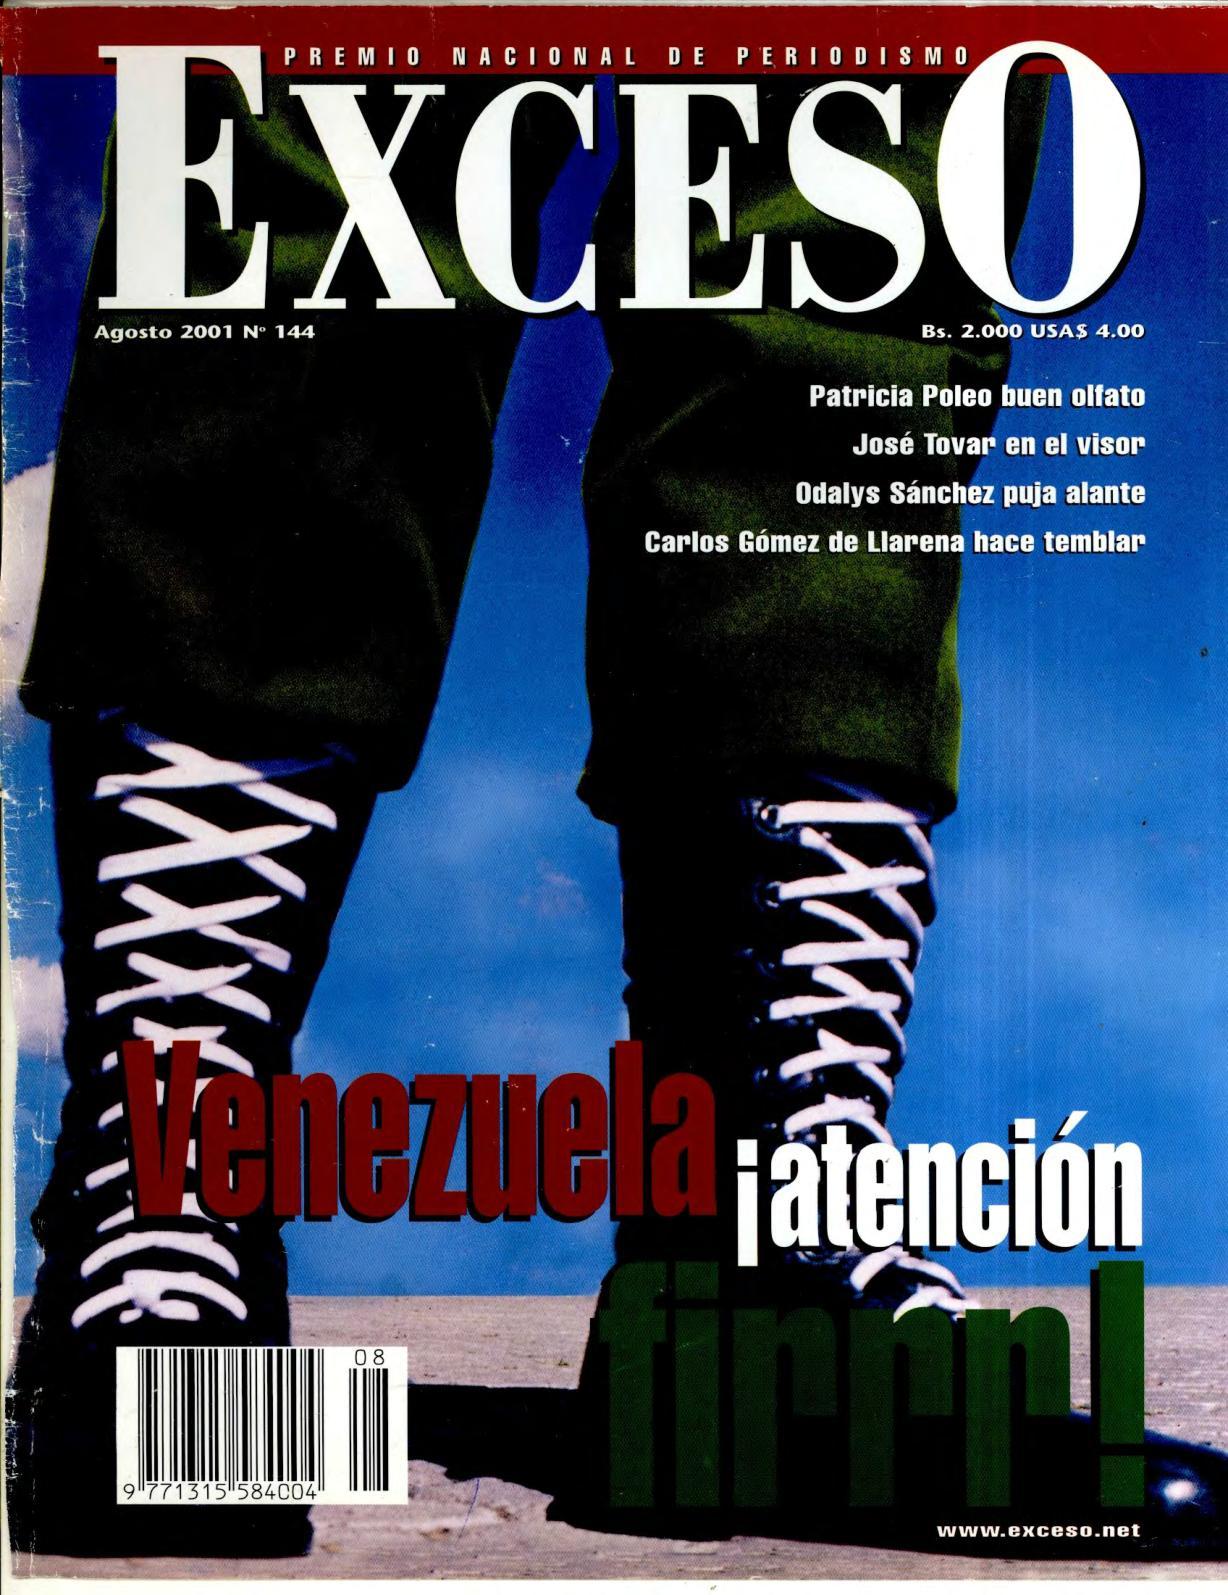 a16b924c9221a Calaméo - REVISTA EXCESO EDICIÓN Nº 144 AGOSTO 2001